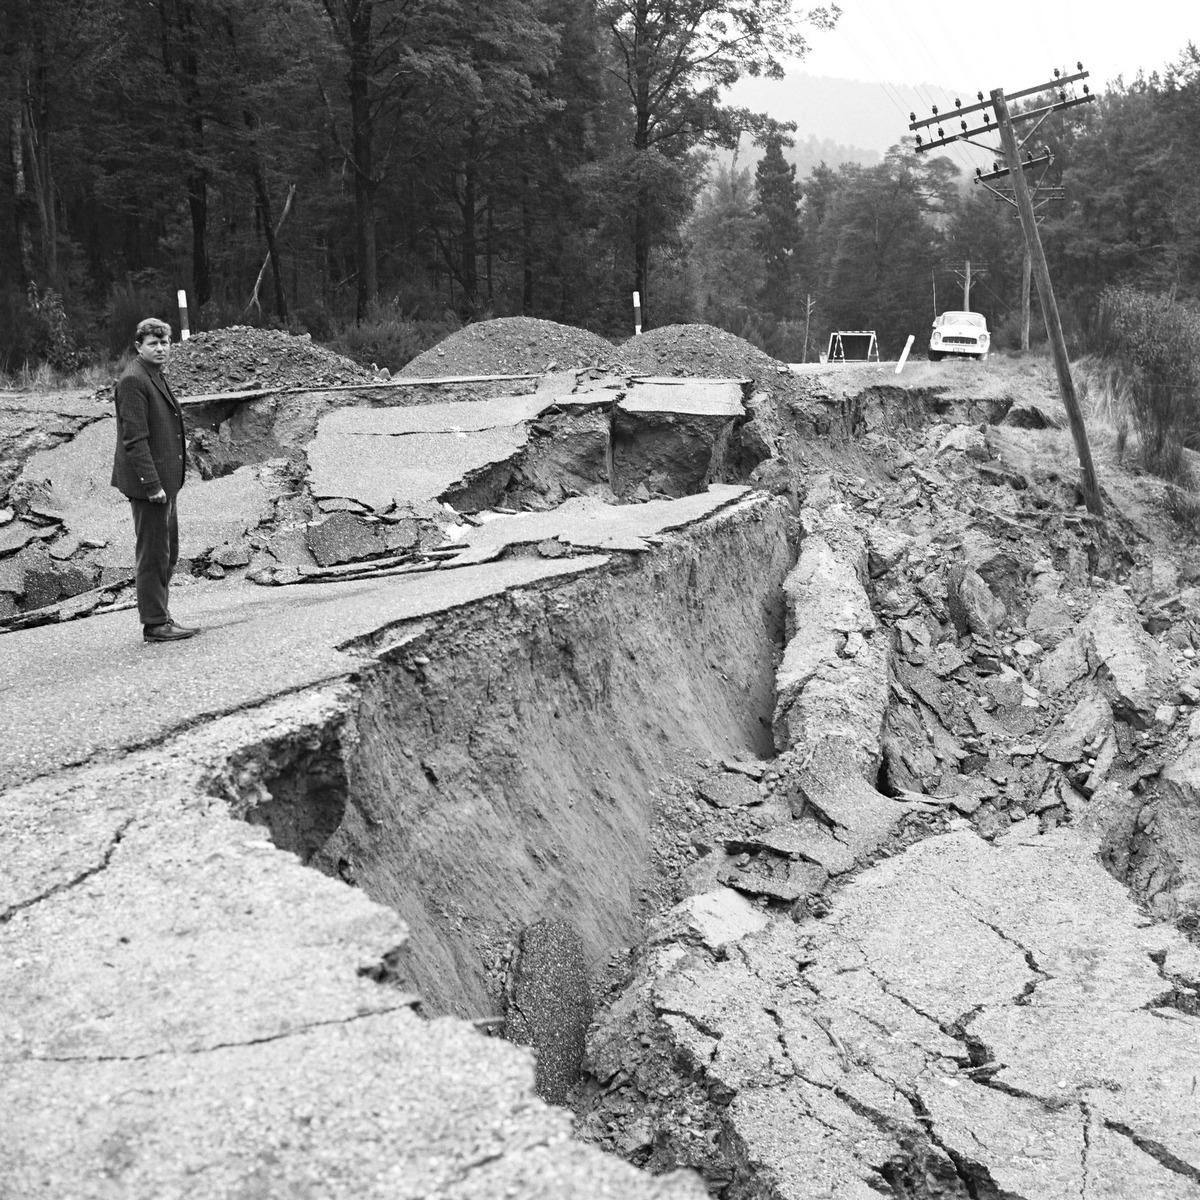 1968. Inangahua földrengés által okozott kár Új-Zélandban. A 7,1-es rengésben hárman haltak meg..jpg